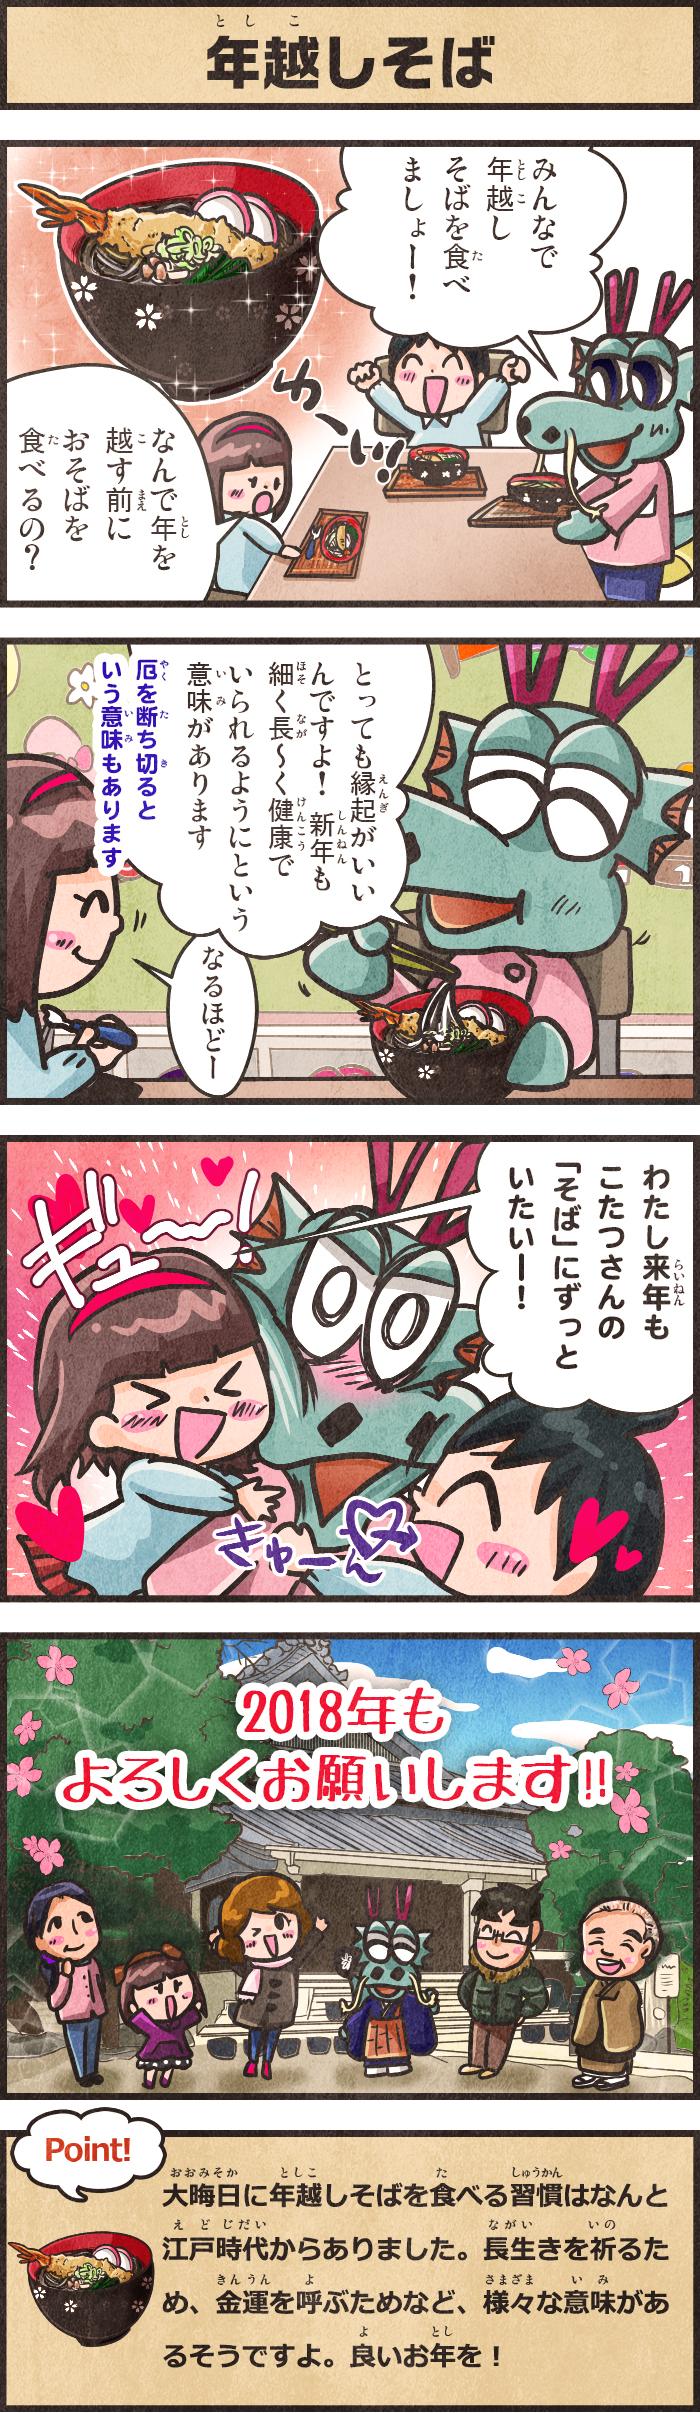 171221_kotatsu_4koma_24